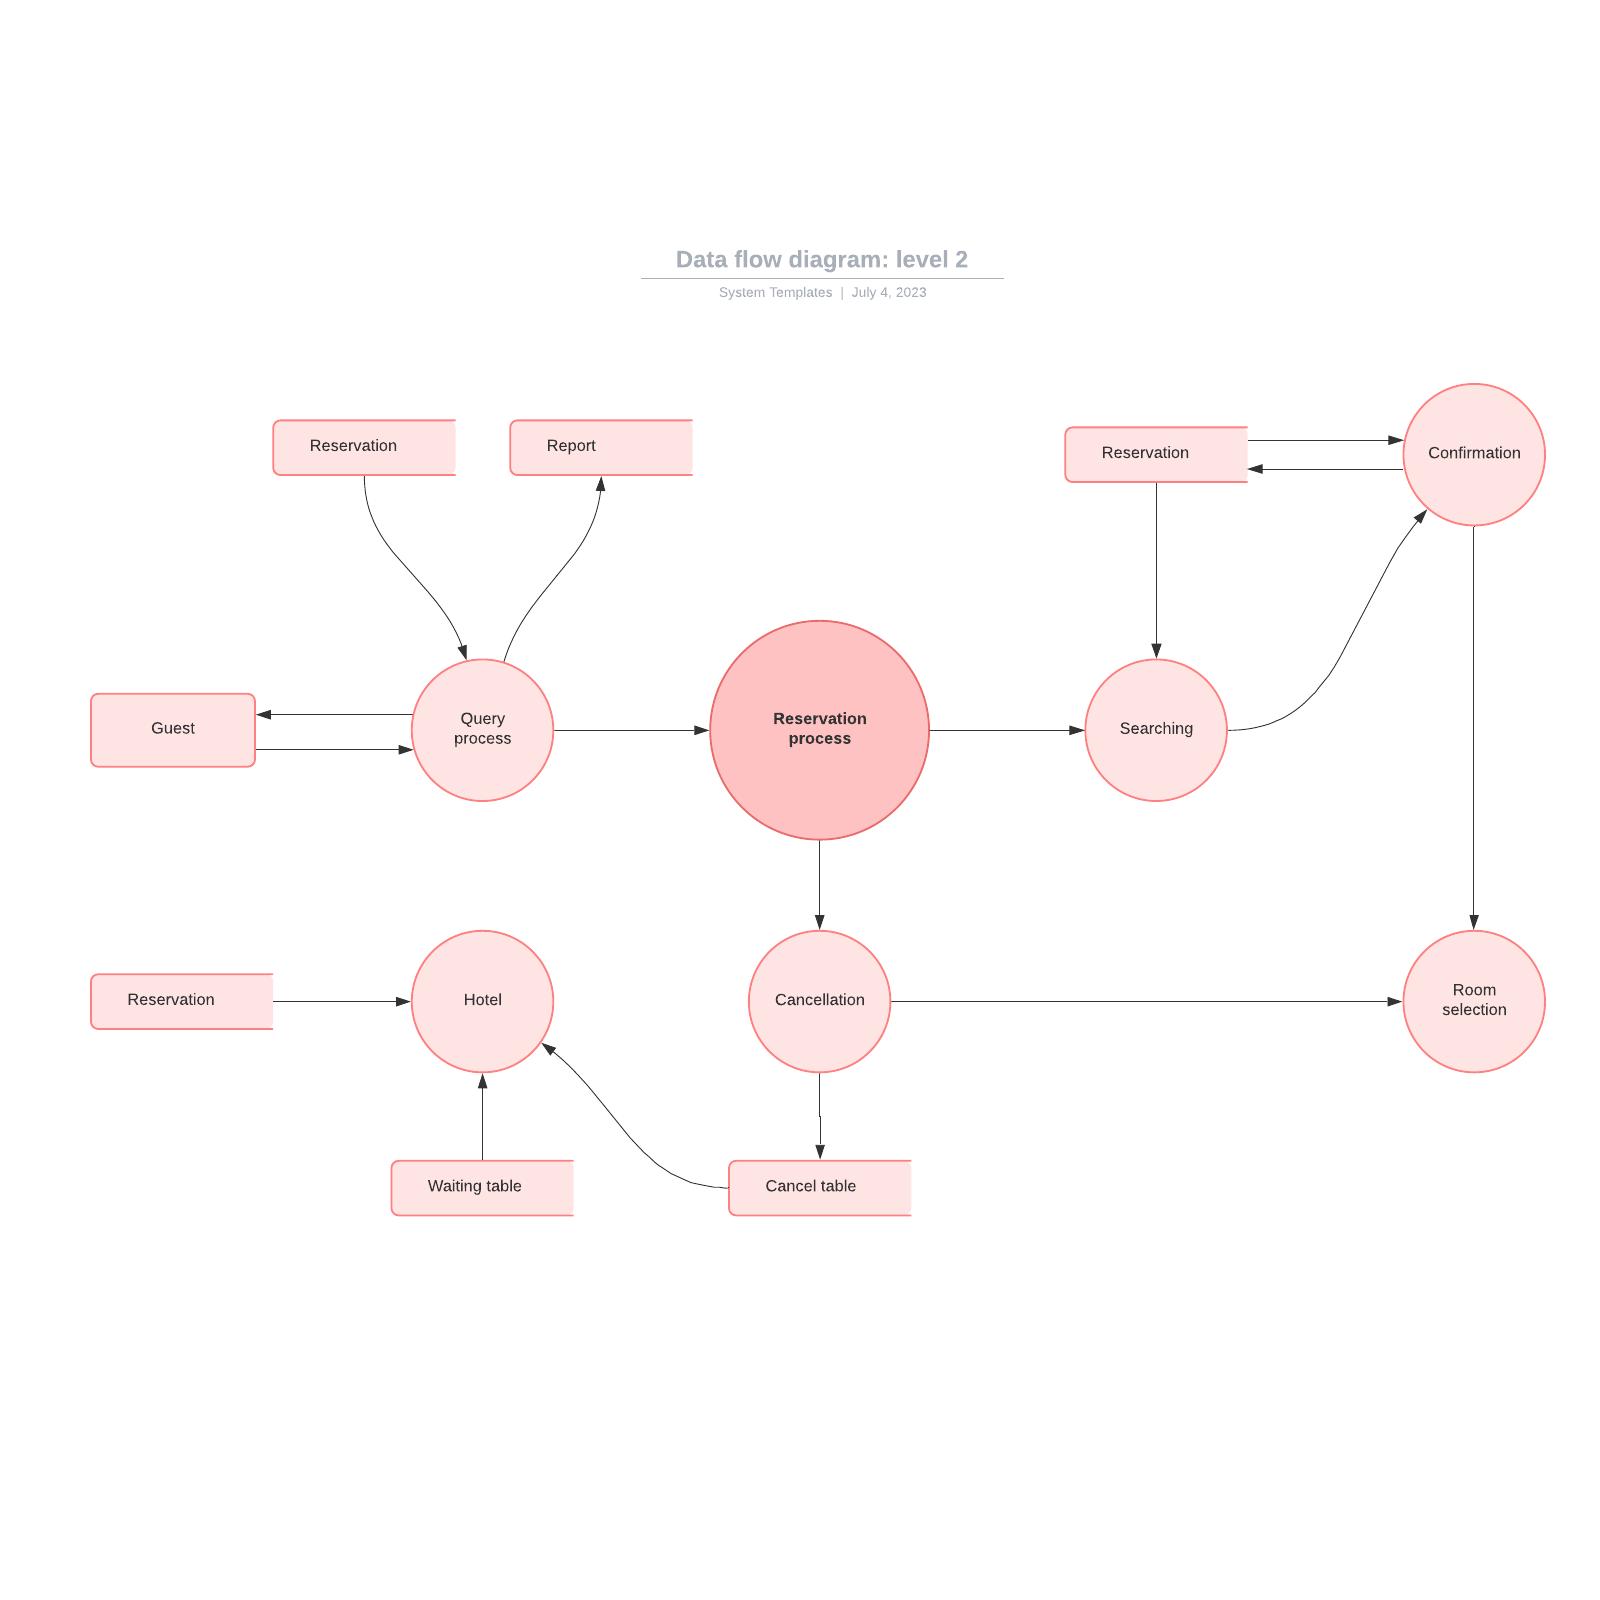 Data flow diagram: Level 2